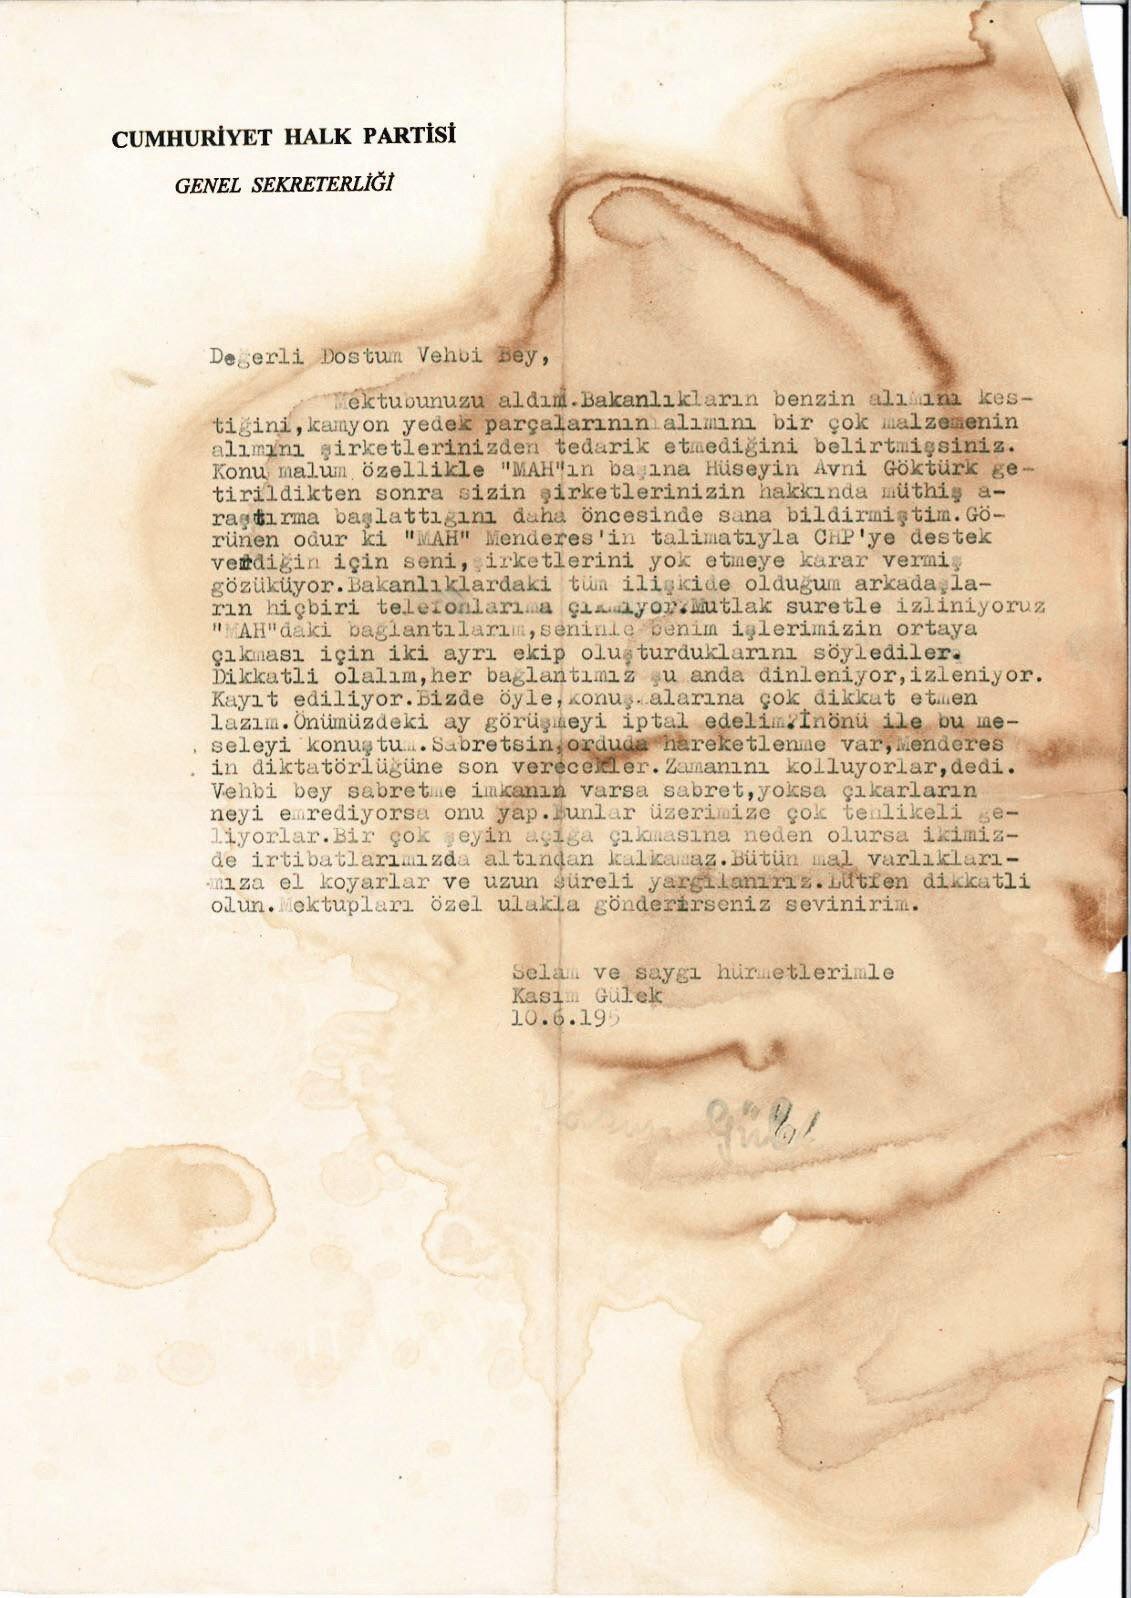 İşte o arşiv belgesi